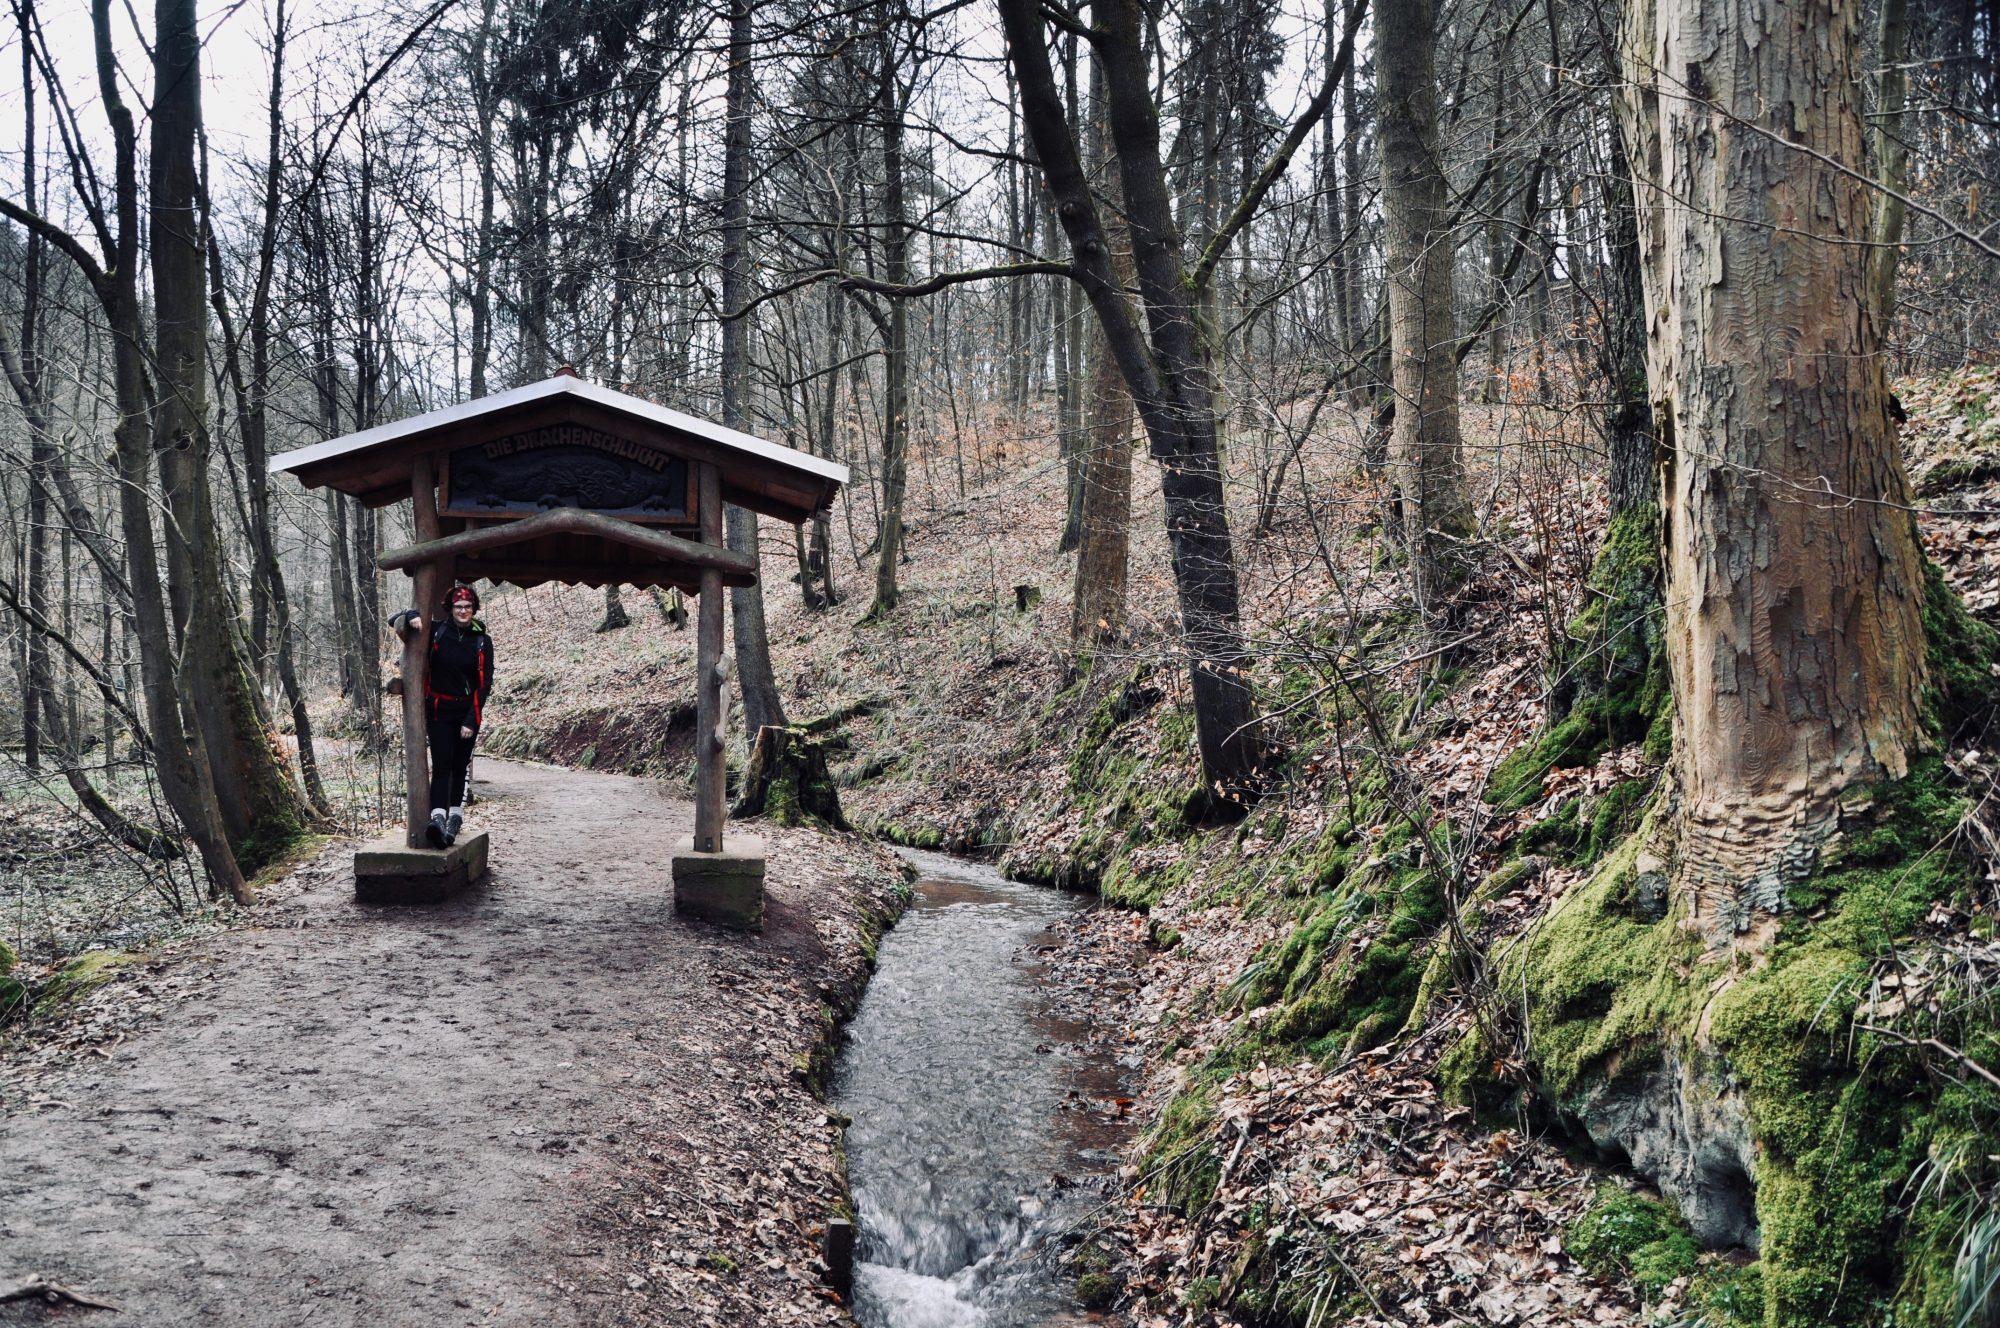 Der Eingang der Drachenschlucht bei Eisenach, Thüringen, Deutschland, Lieblingstour, Fjella, Wanderroute, Wanderung